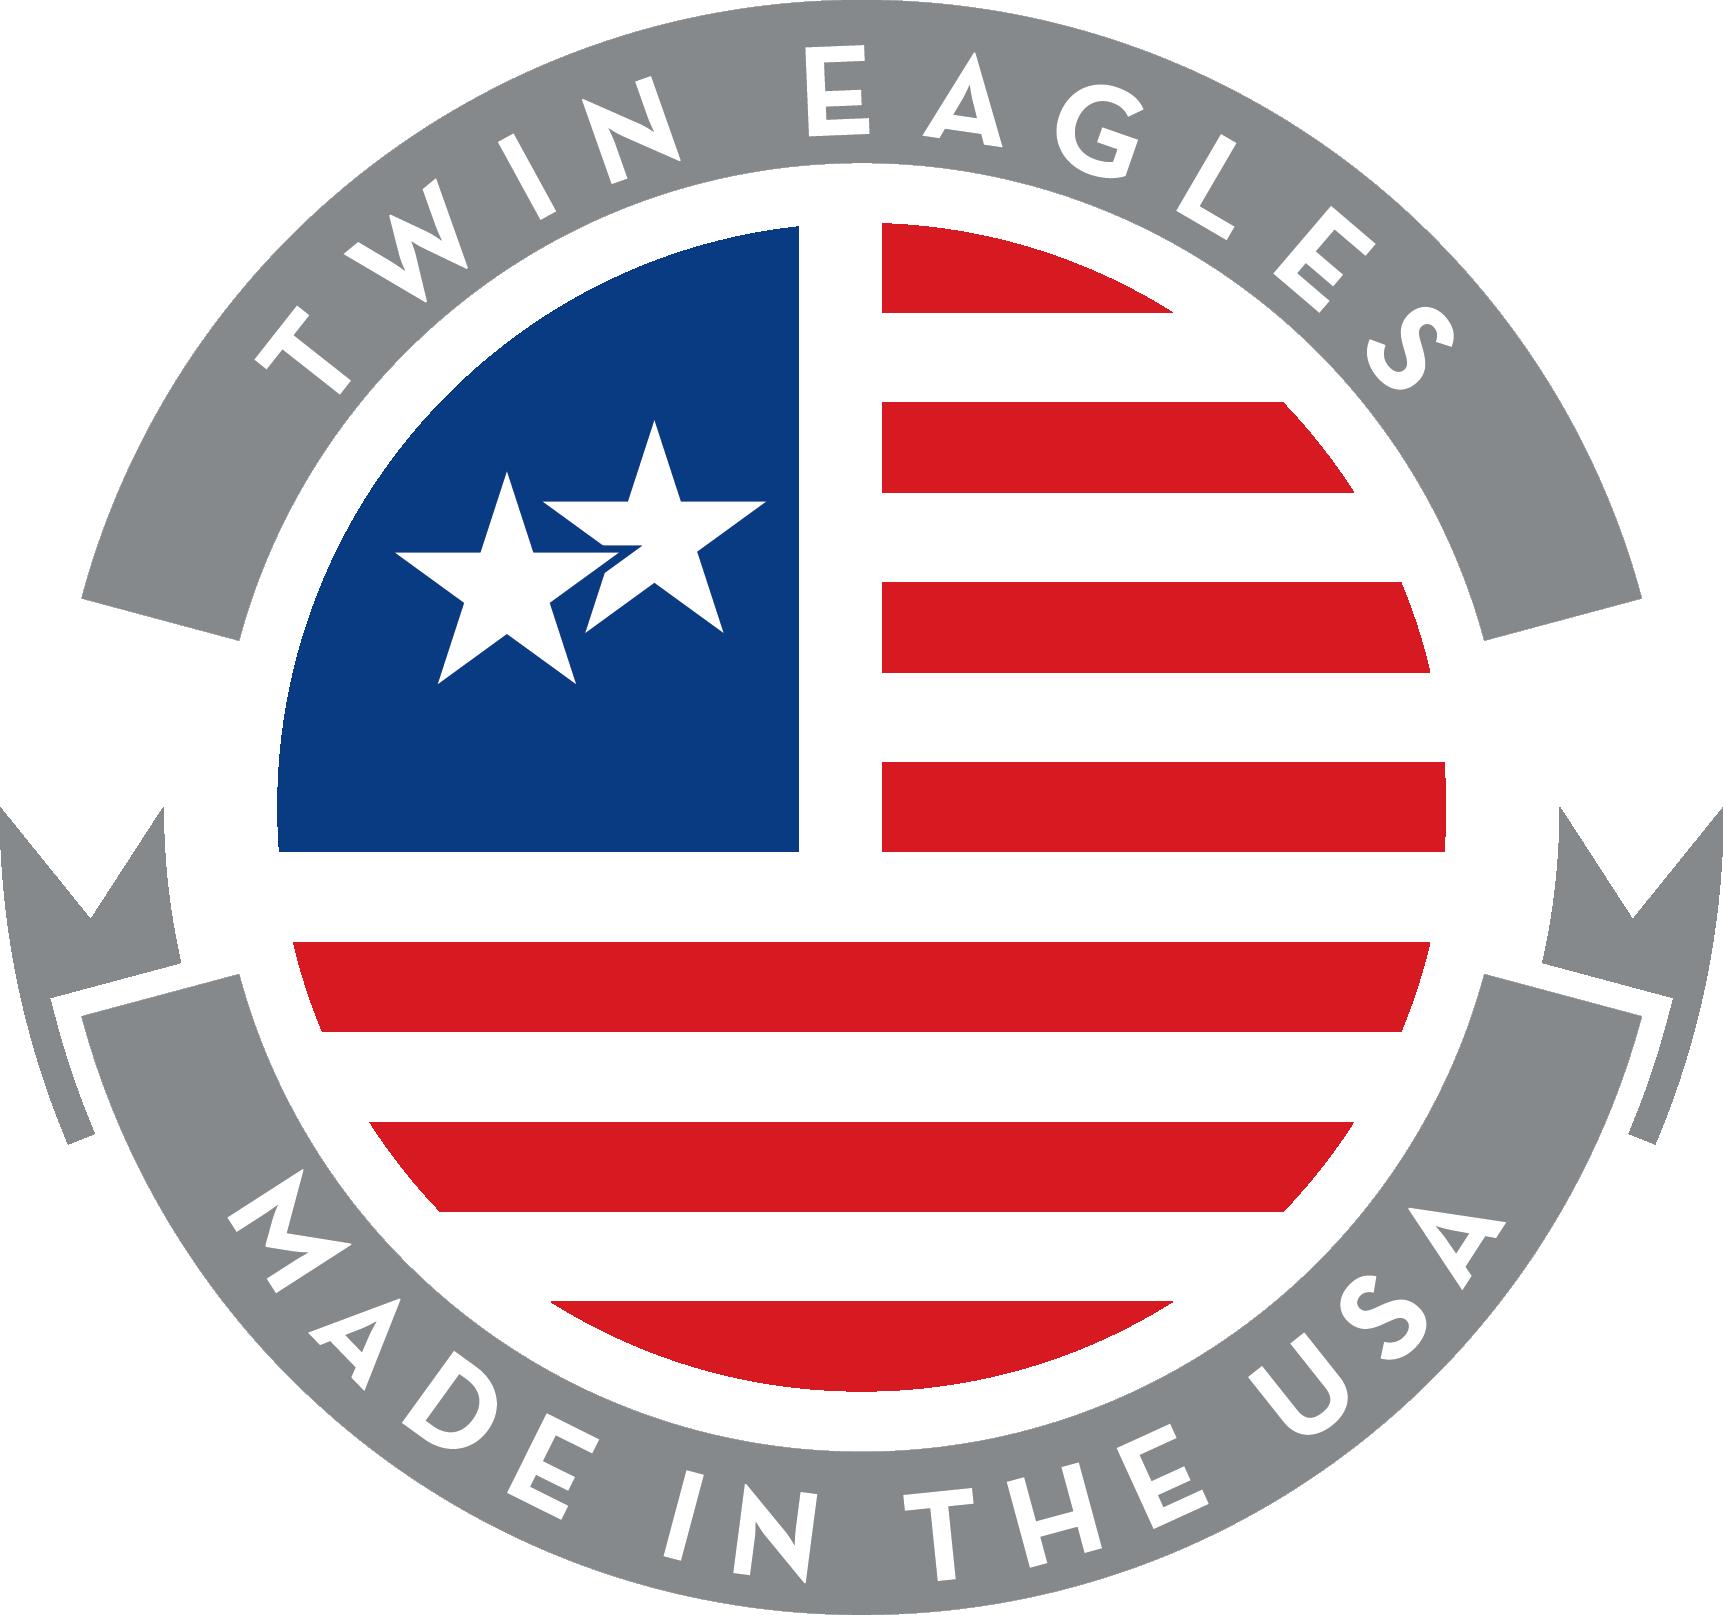 Twin Eagle Two Year Warranty Warranty